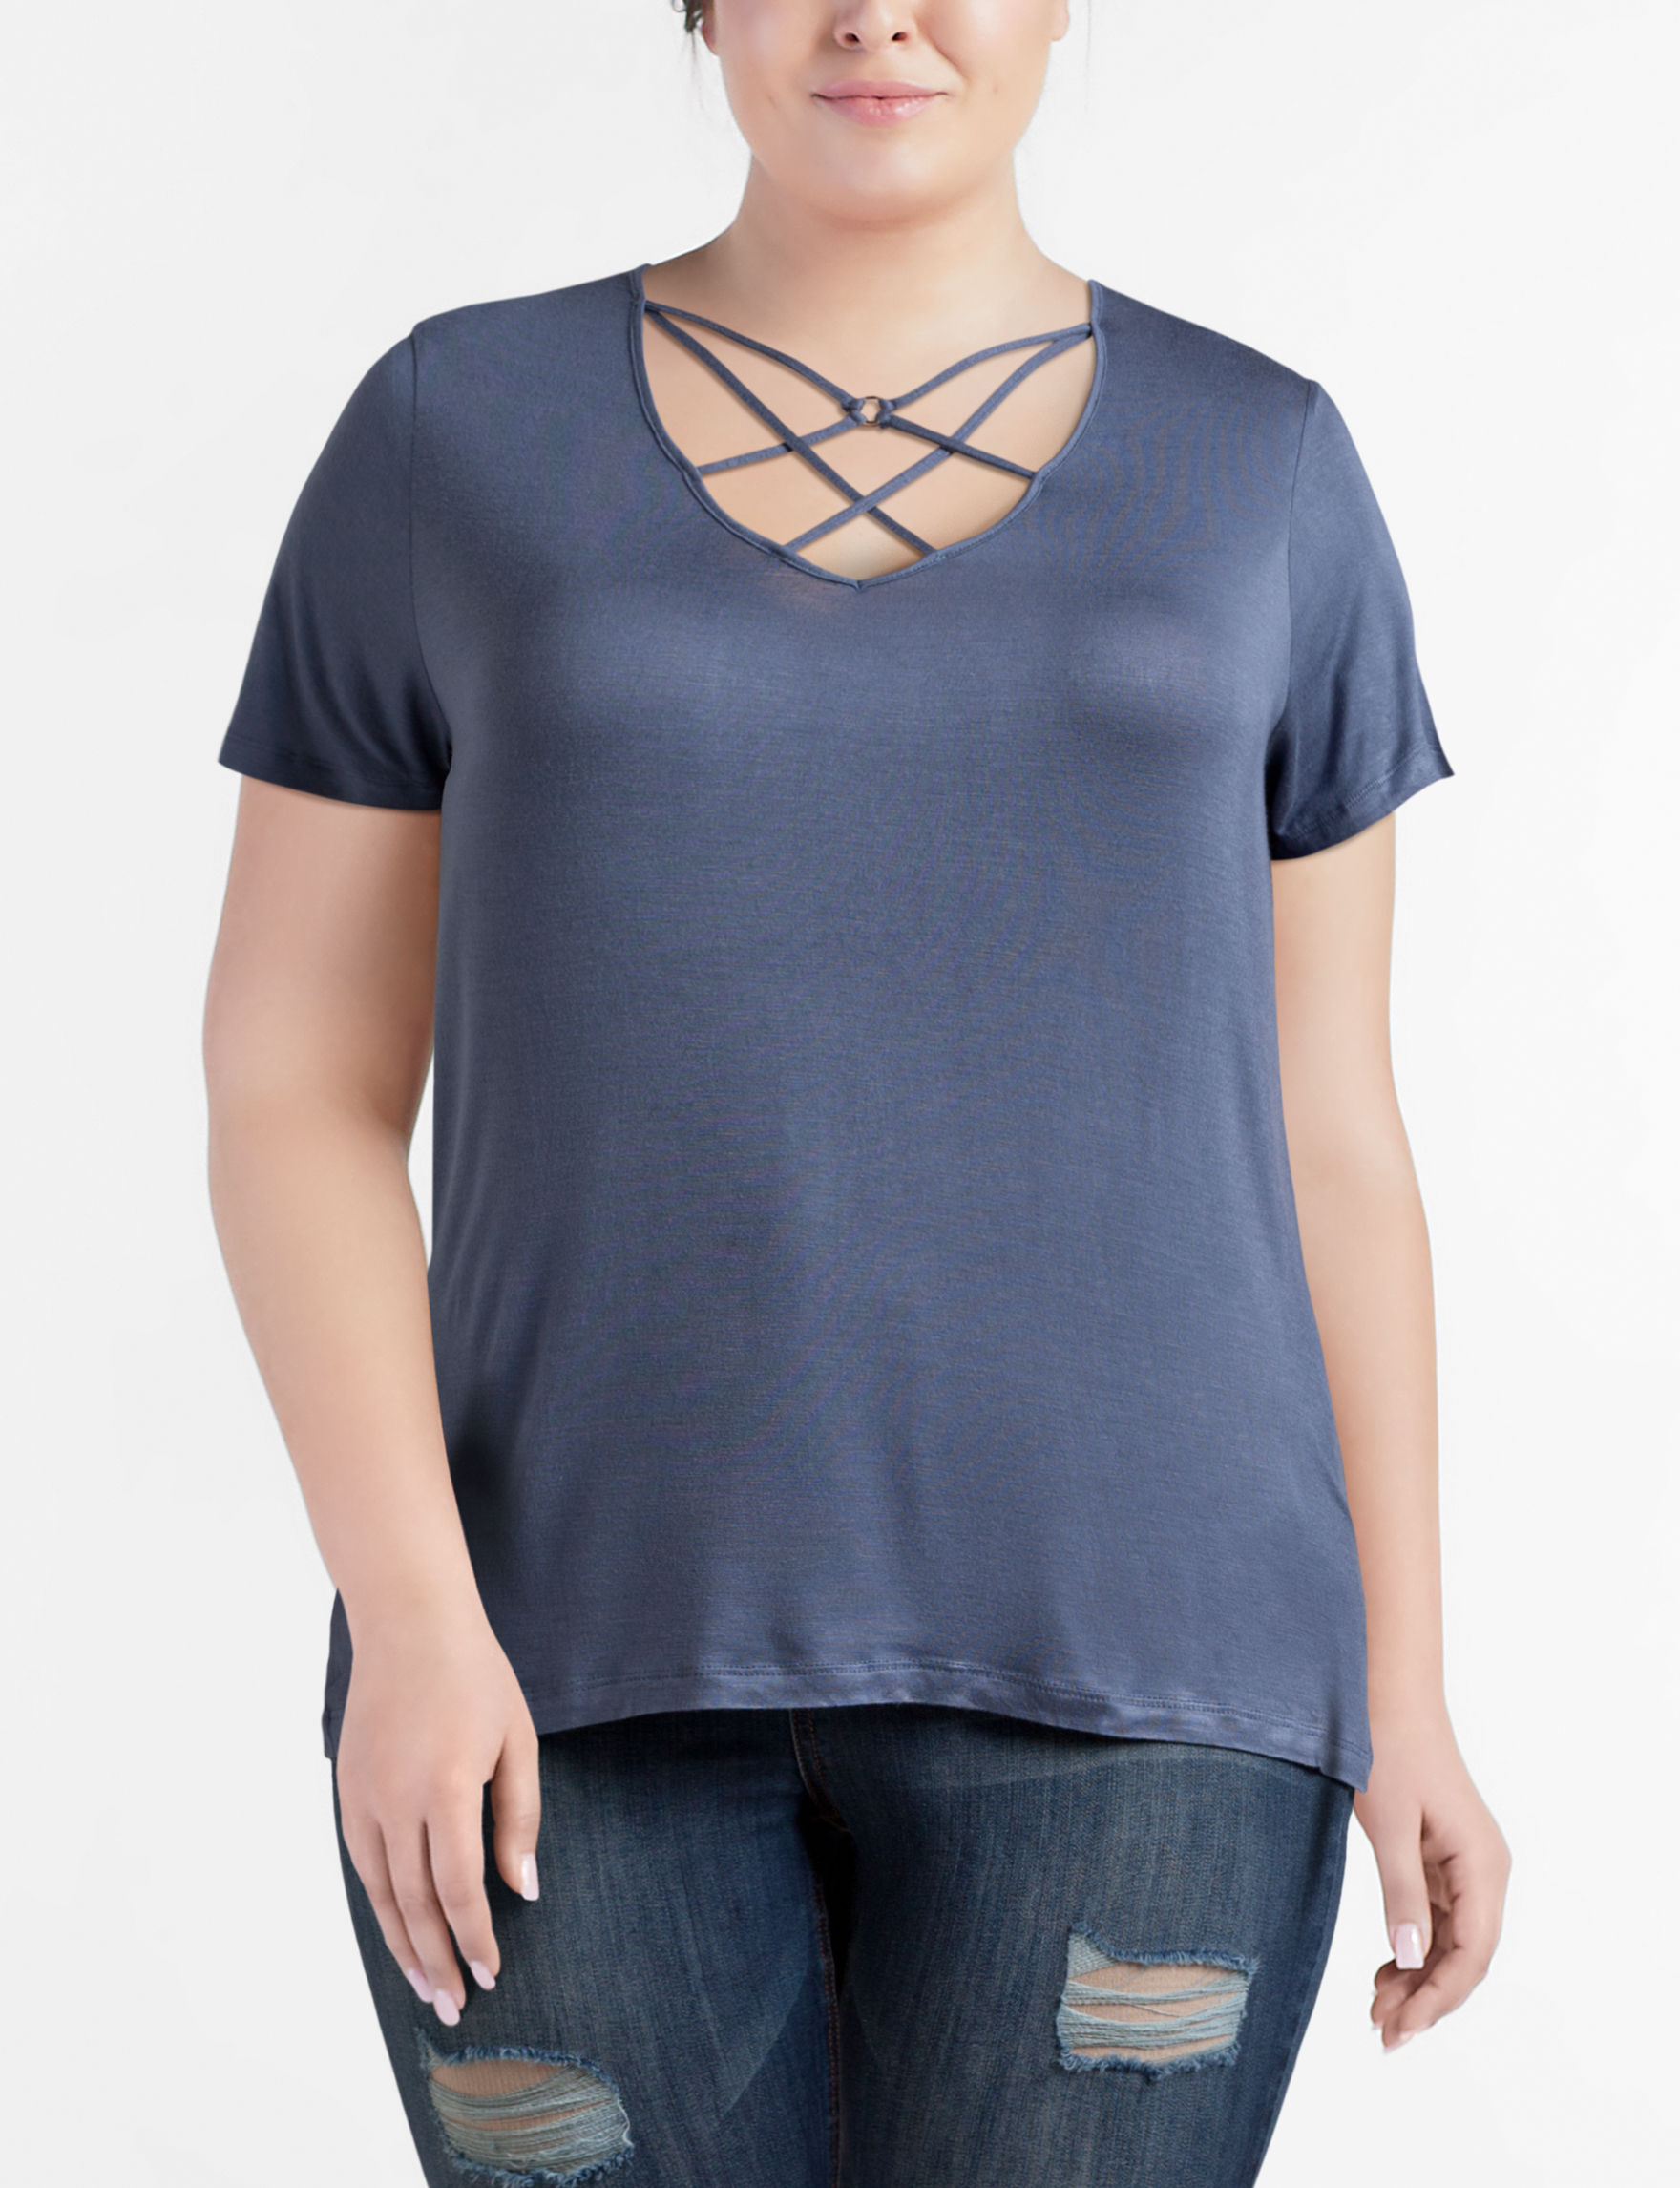 Glitz Blue Shirts & Blouses Tees & Tanks